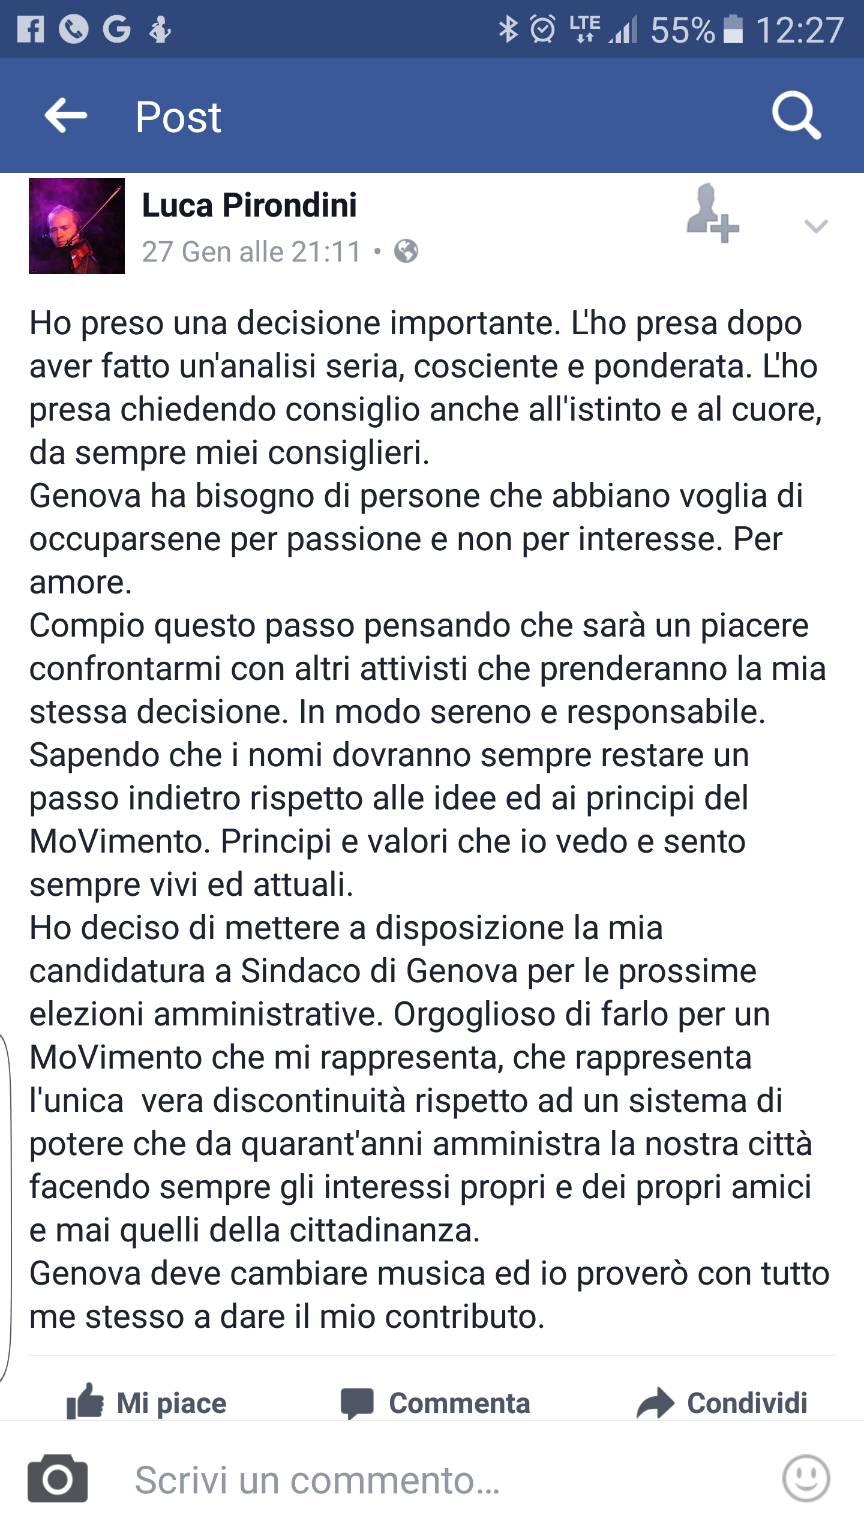 Pirondini candidatura